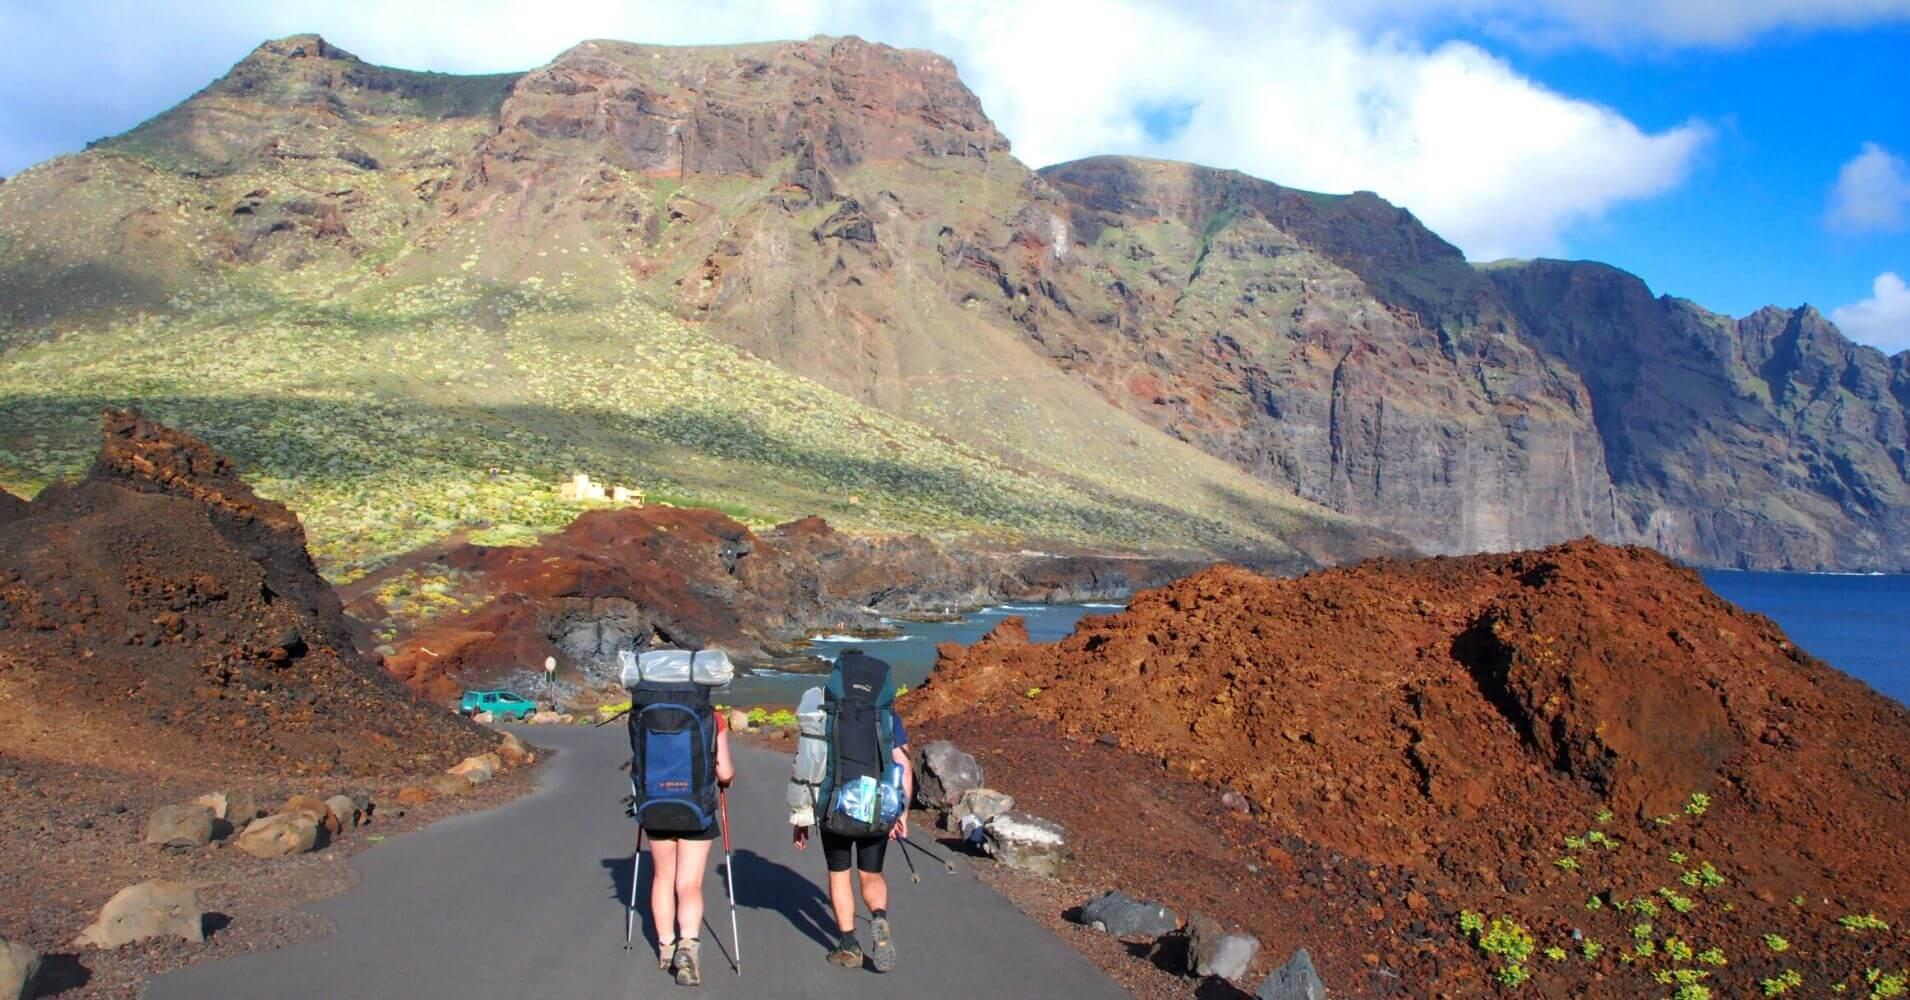 Punta Teno. Isla de Tenerife. Islas Canarias.